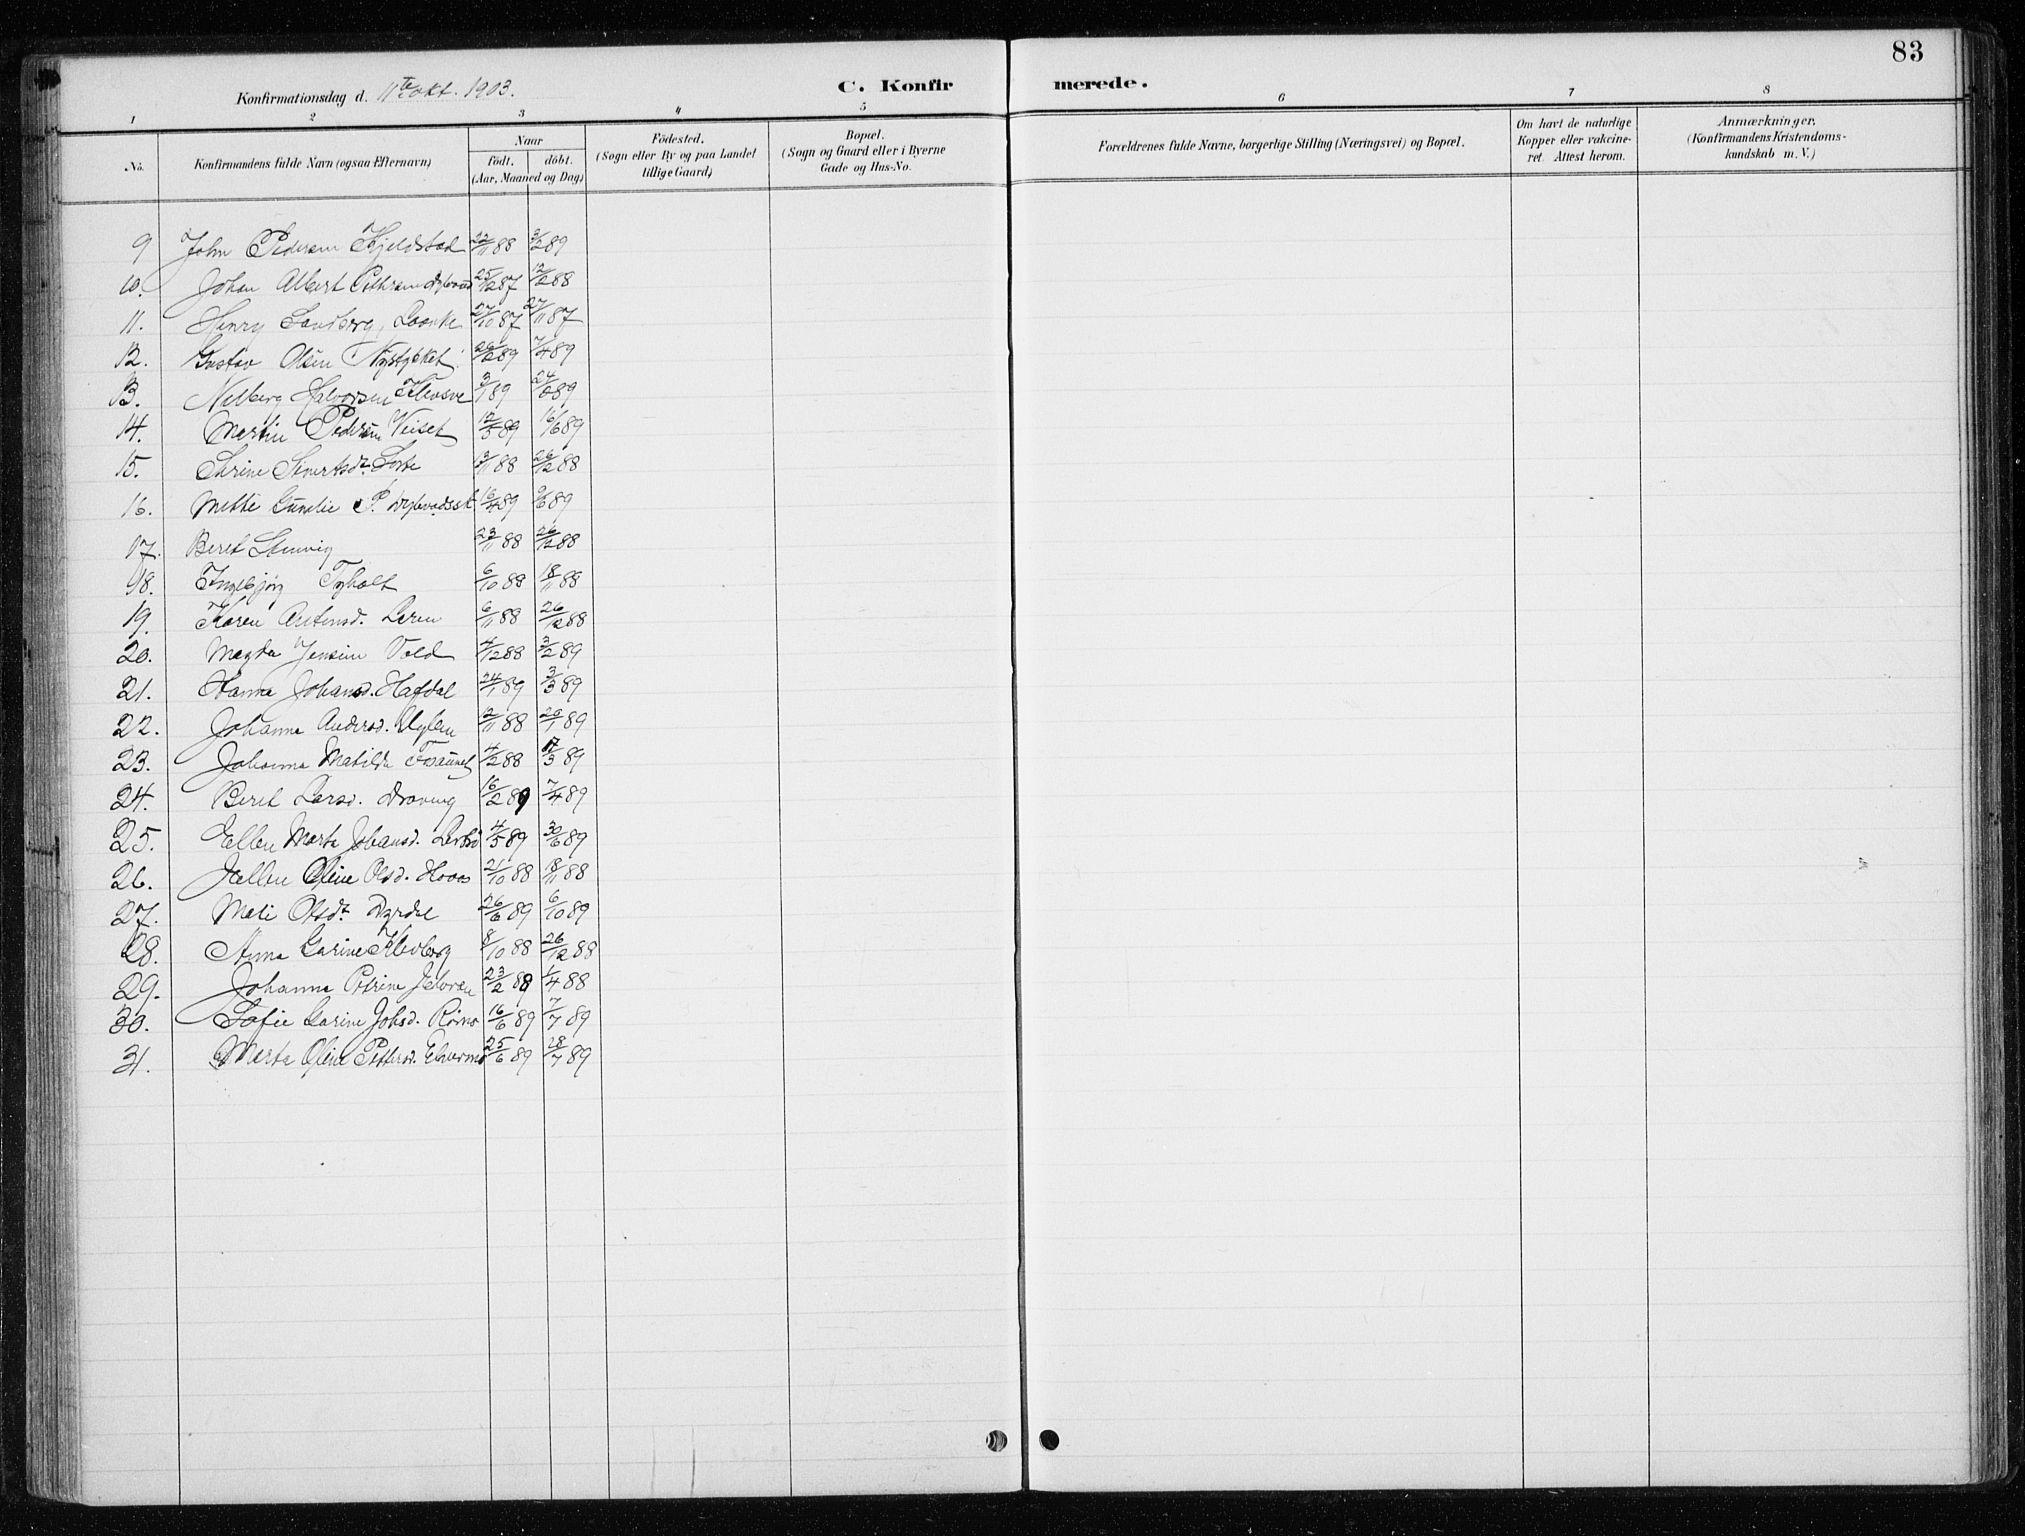 SAT, Ministerialprotokoller, klokkerbøker og fødselsregistre - Nord-Trøndelag, 710/L0096: Klokkerbok nr. 710C01, 1892-1925, s. 83